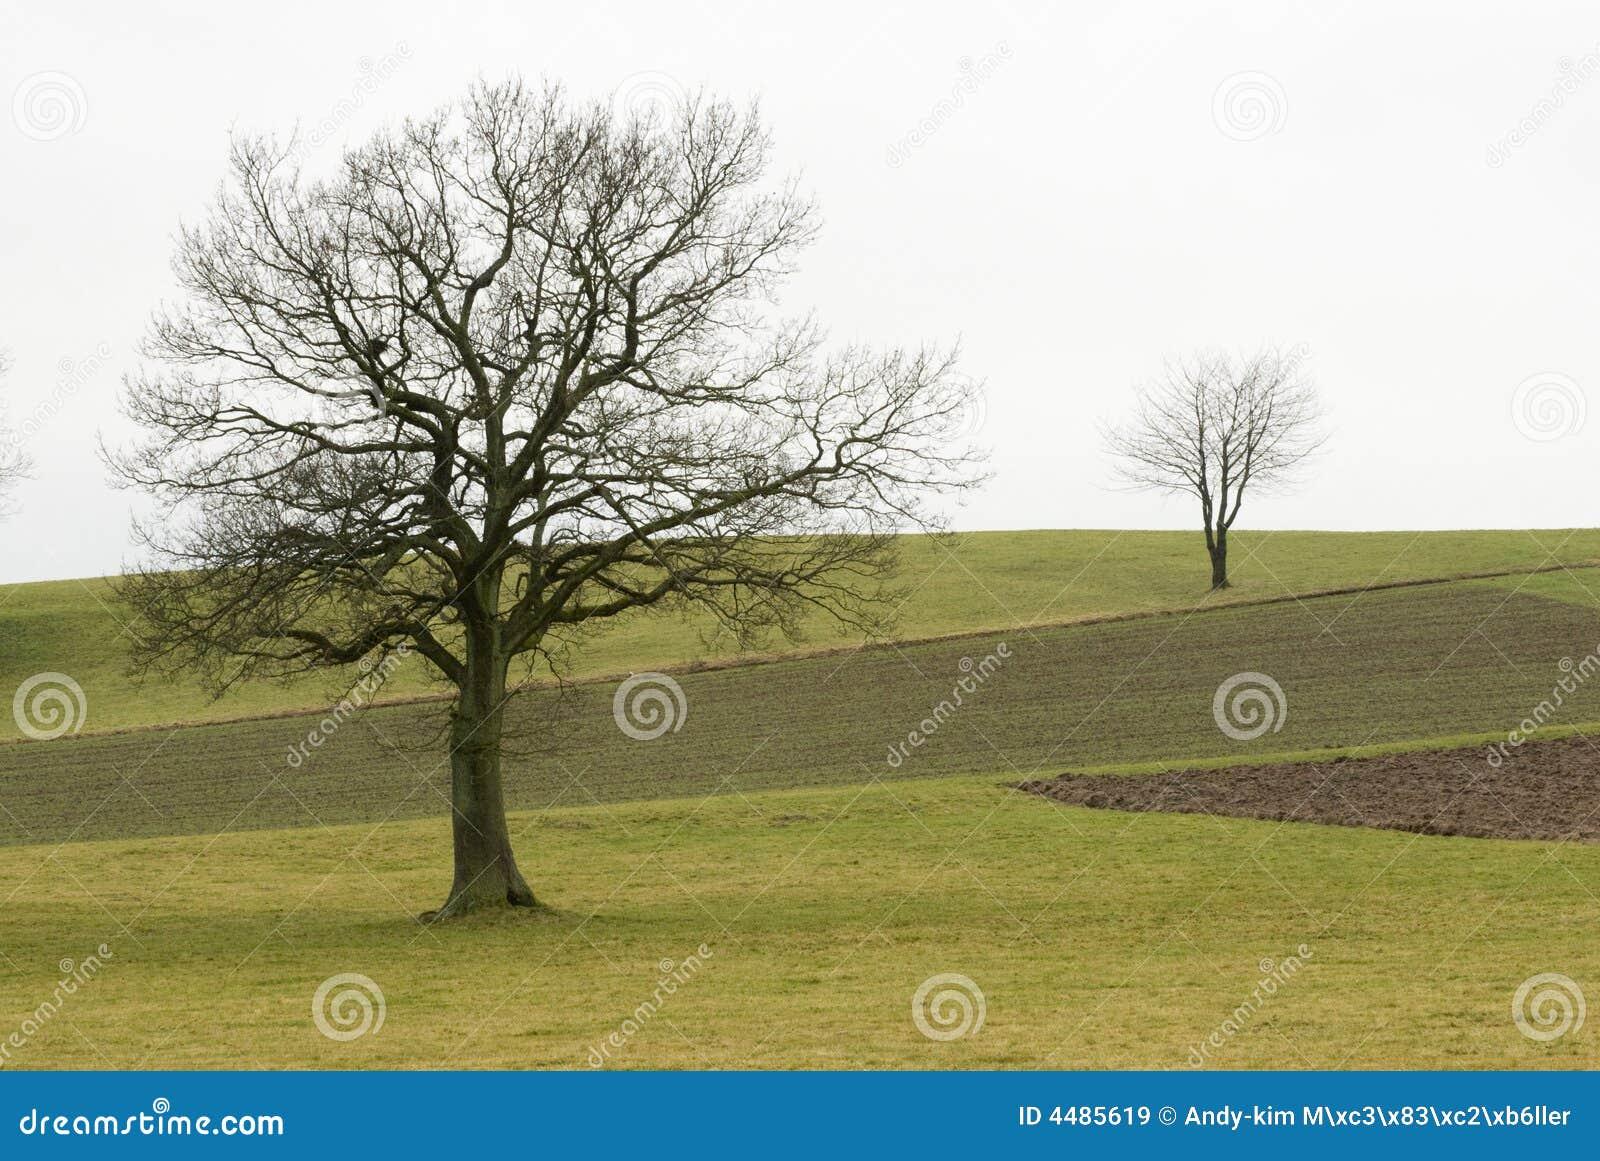 Deux arbres sur une zone